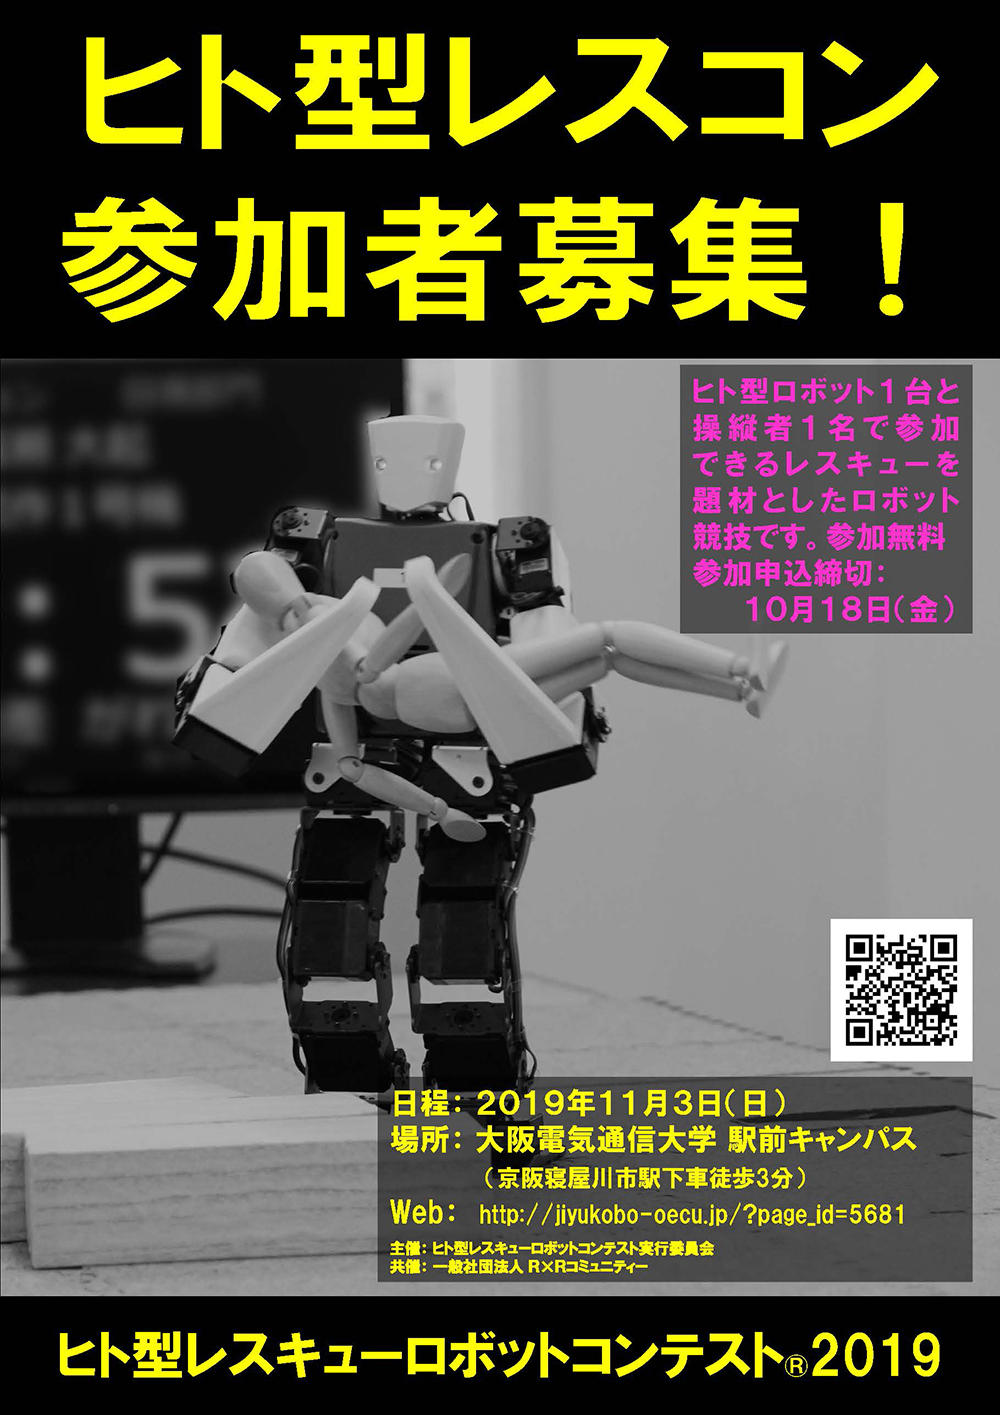 大阪電気通信大学で11月3日(日)に「ヒト型レスキューロボット ...